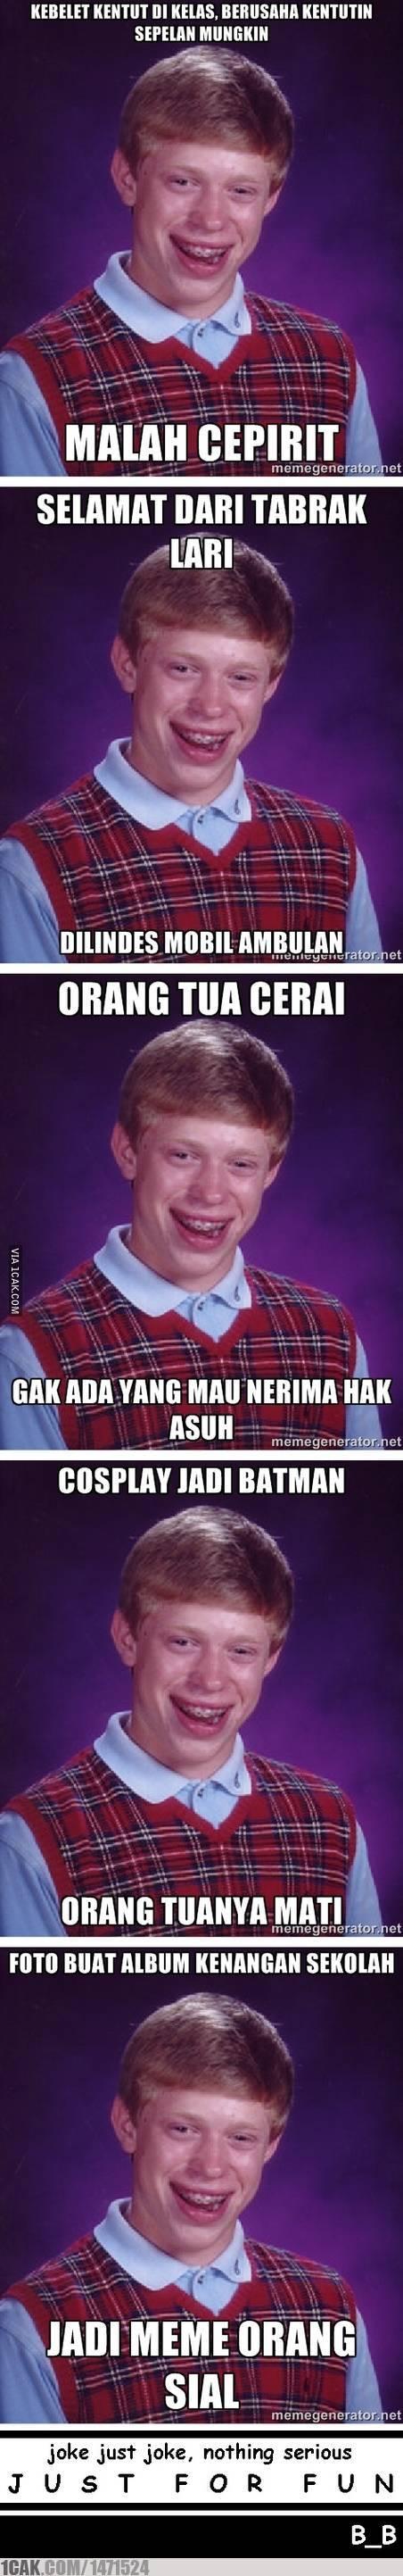 G30s Pki Meme Indonesia Lucu V V Pinterest